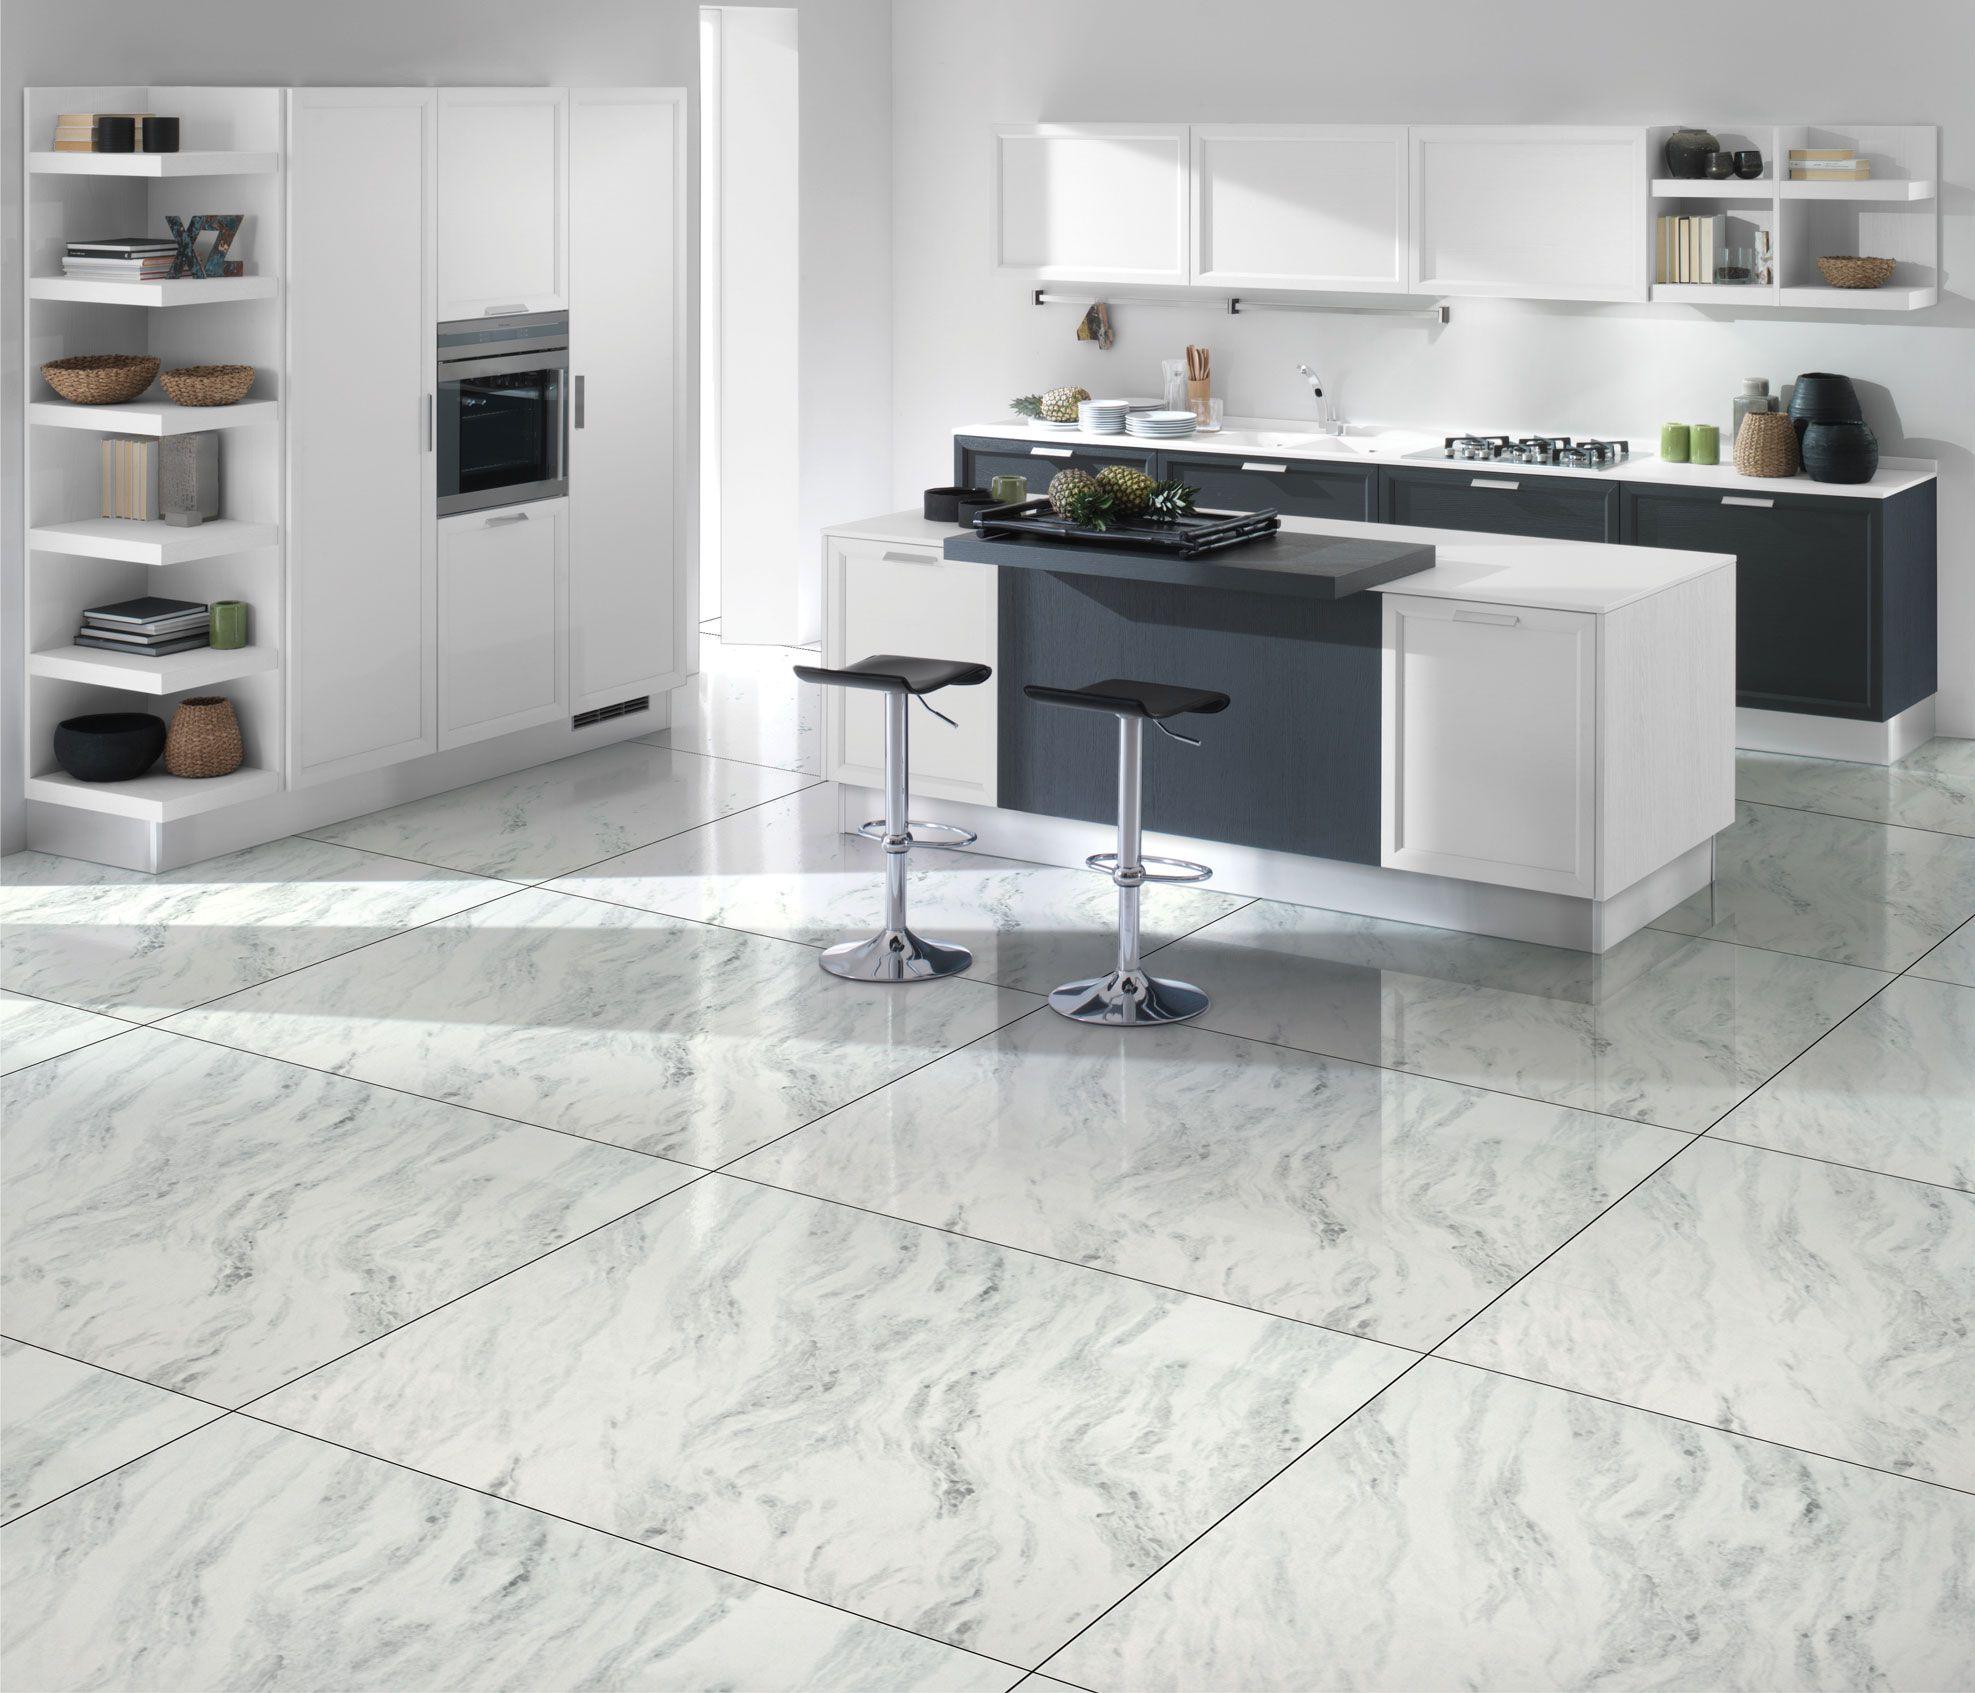 Buy Designer Floor, Wall Tiles for Bathroom, Bedroom,